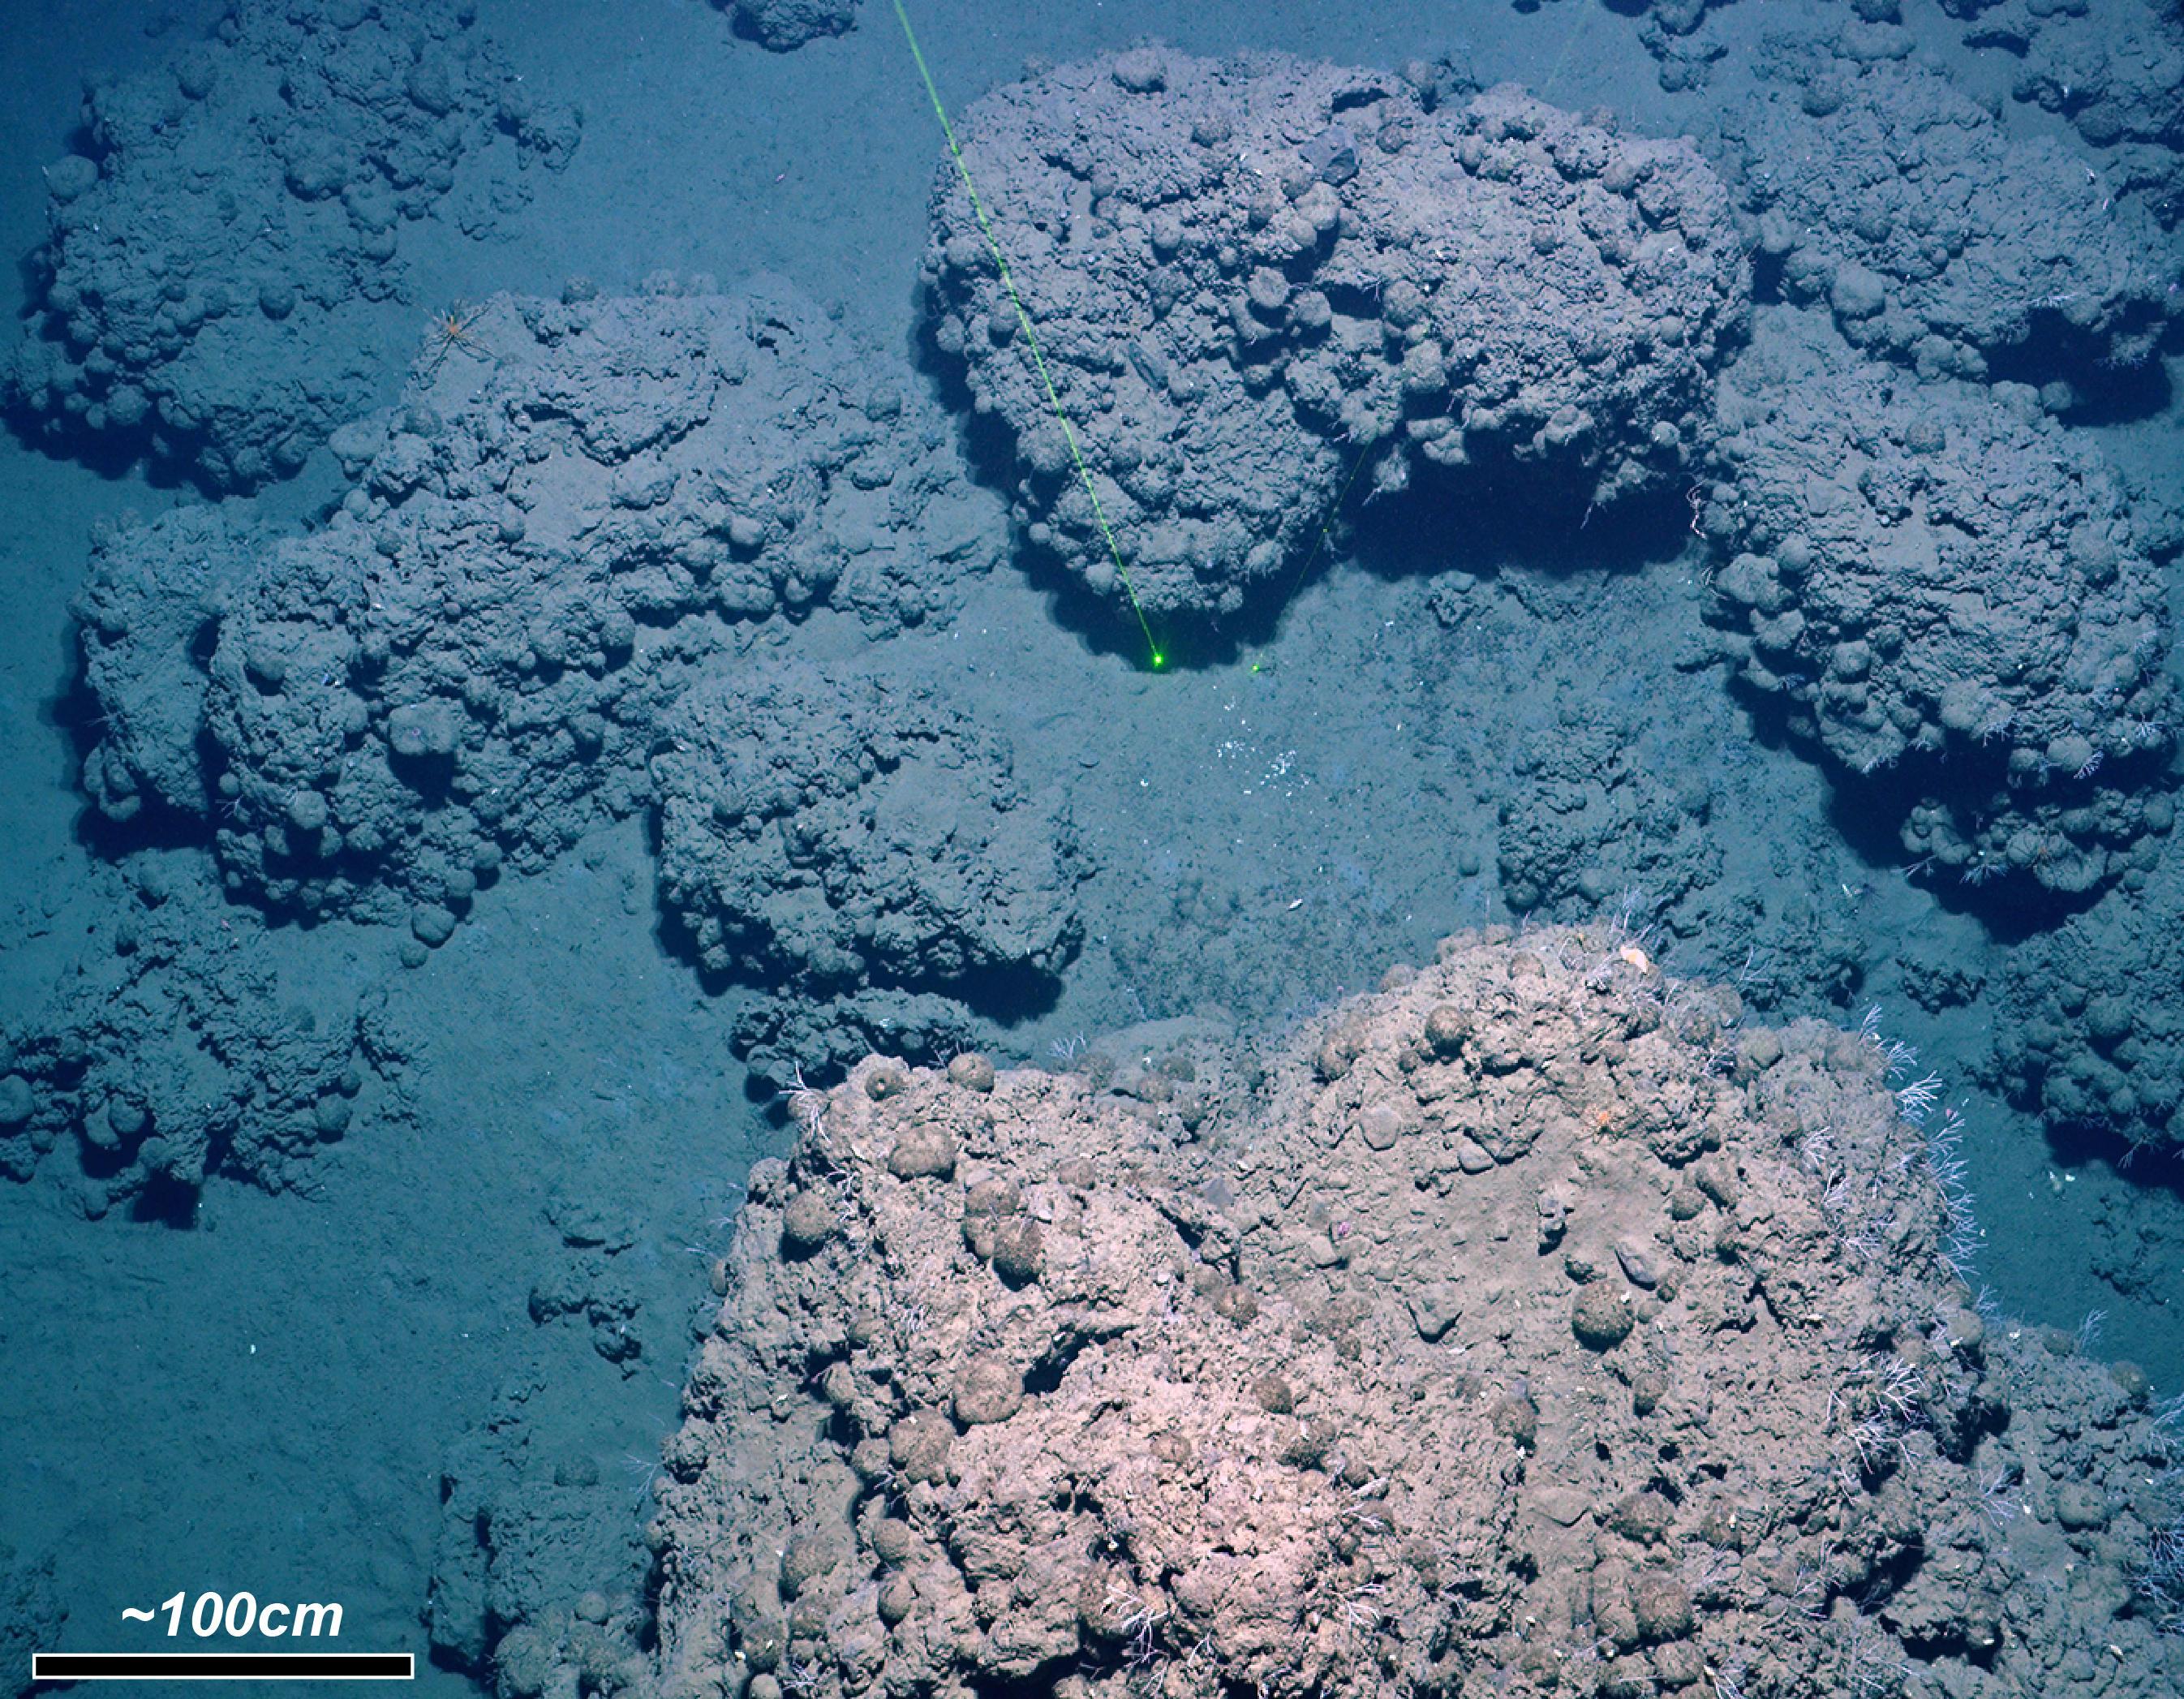 Carbonate deposits and methane seepage